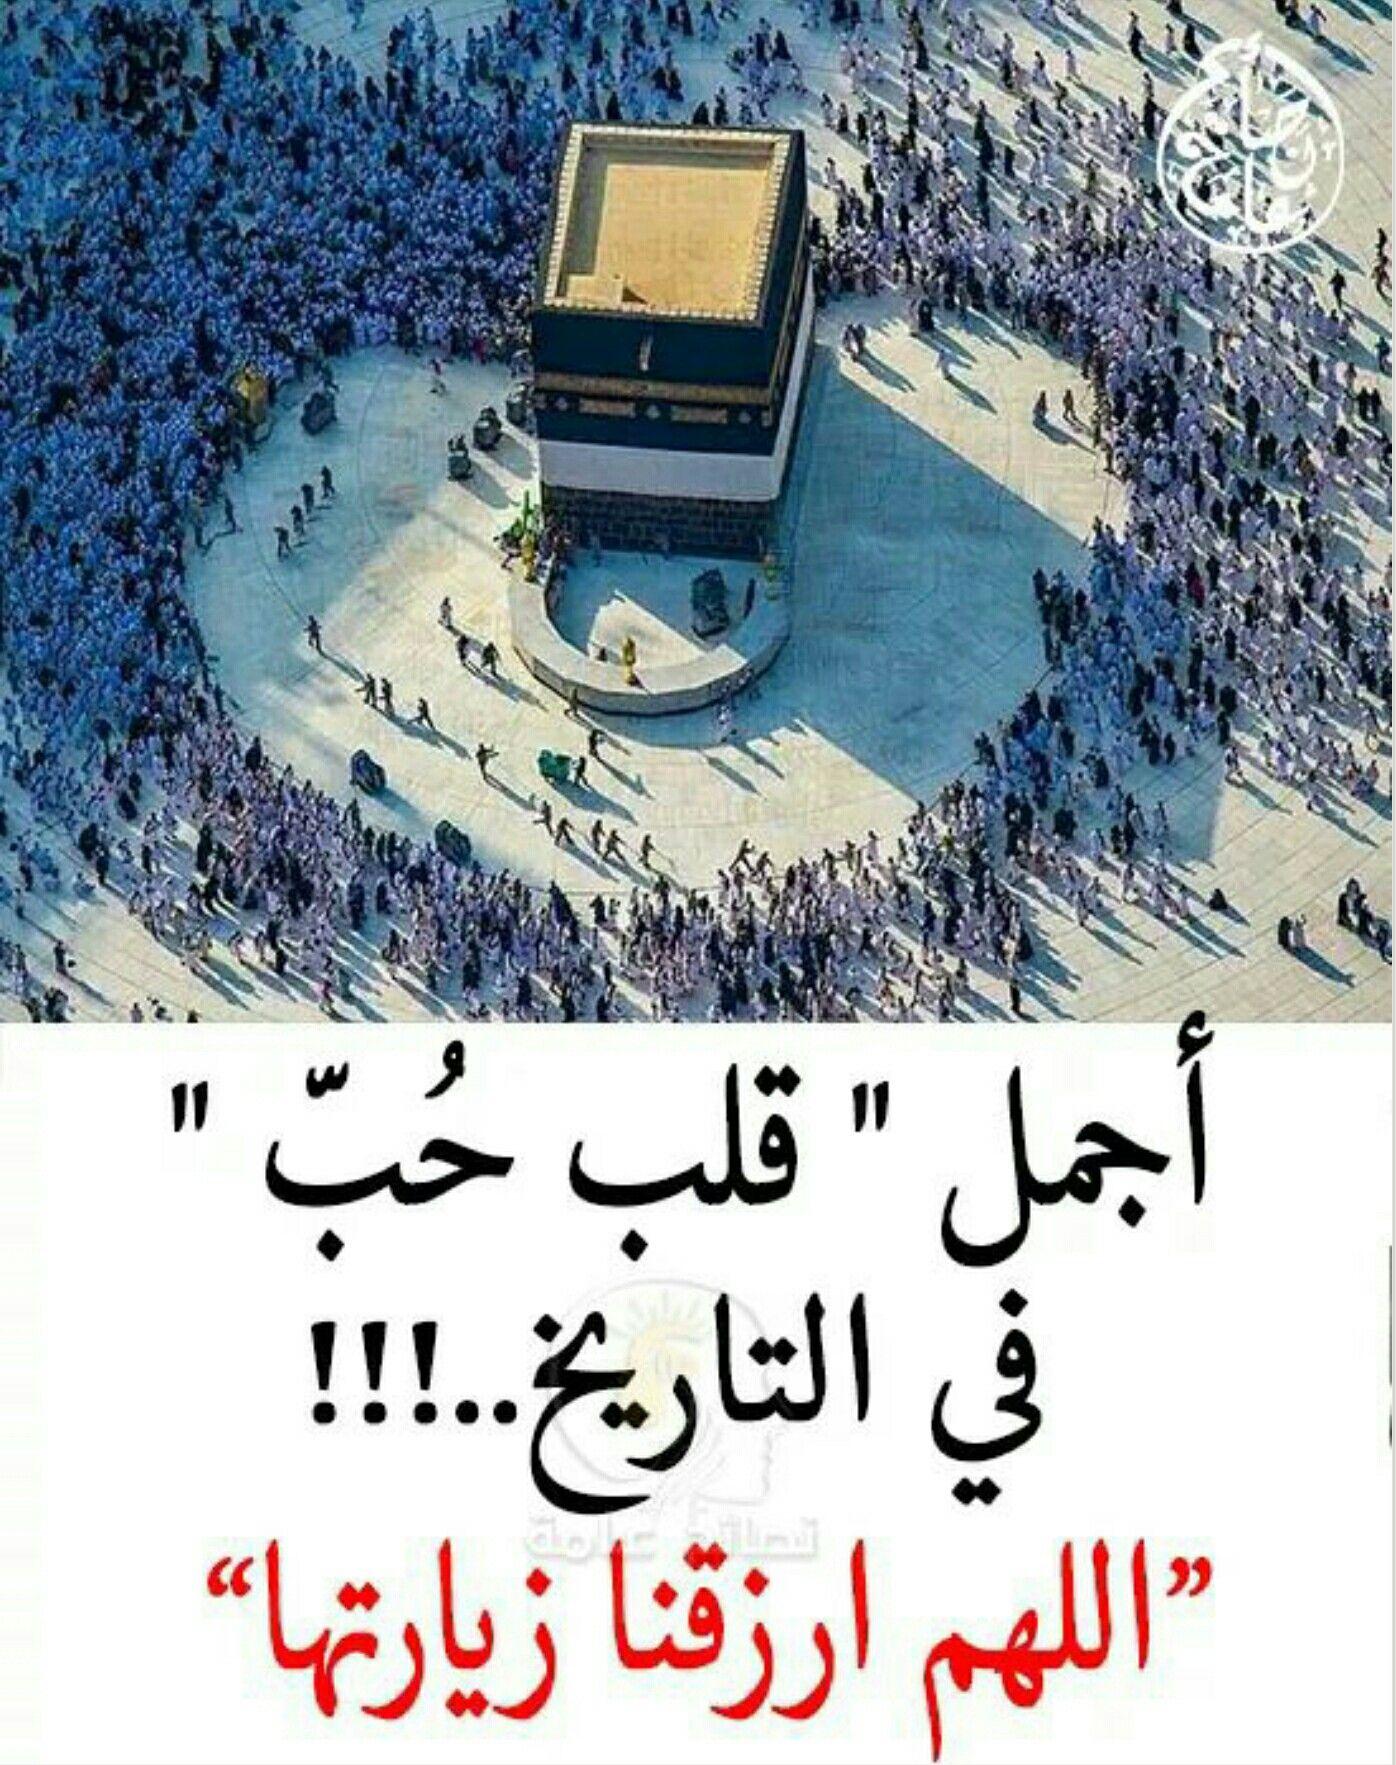 اجمل رسمة قلب شفتها يا رب ما تحرمنا الزيارة الكعبة قلب Islam Prayers Makkah